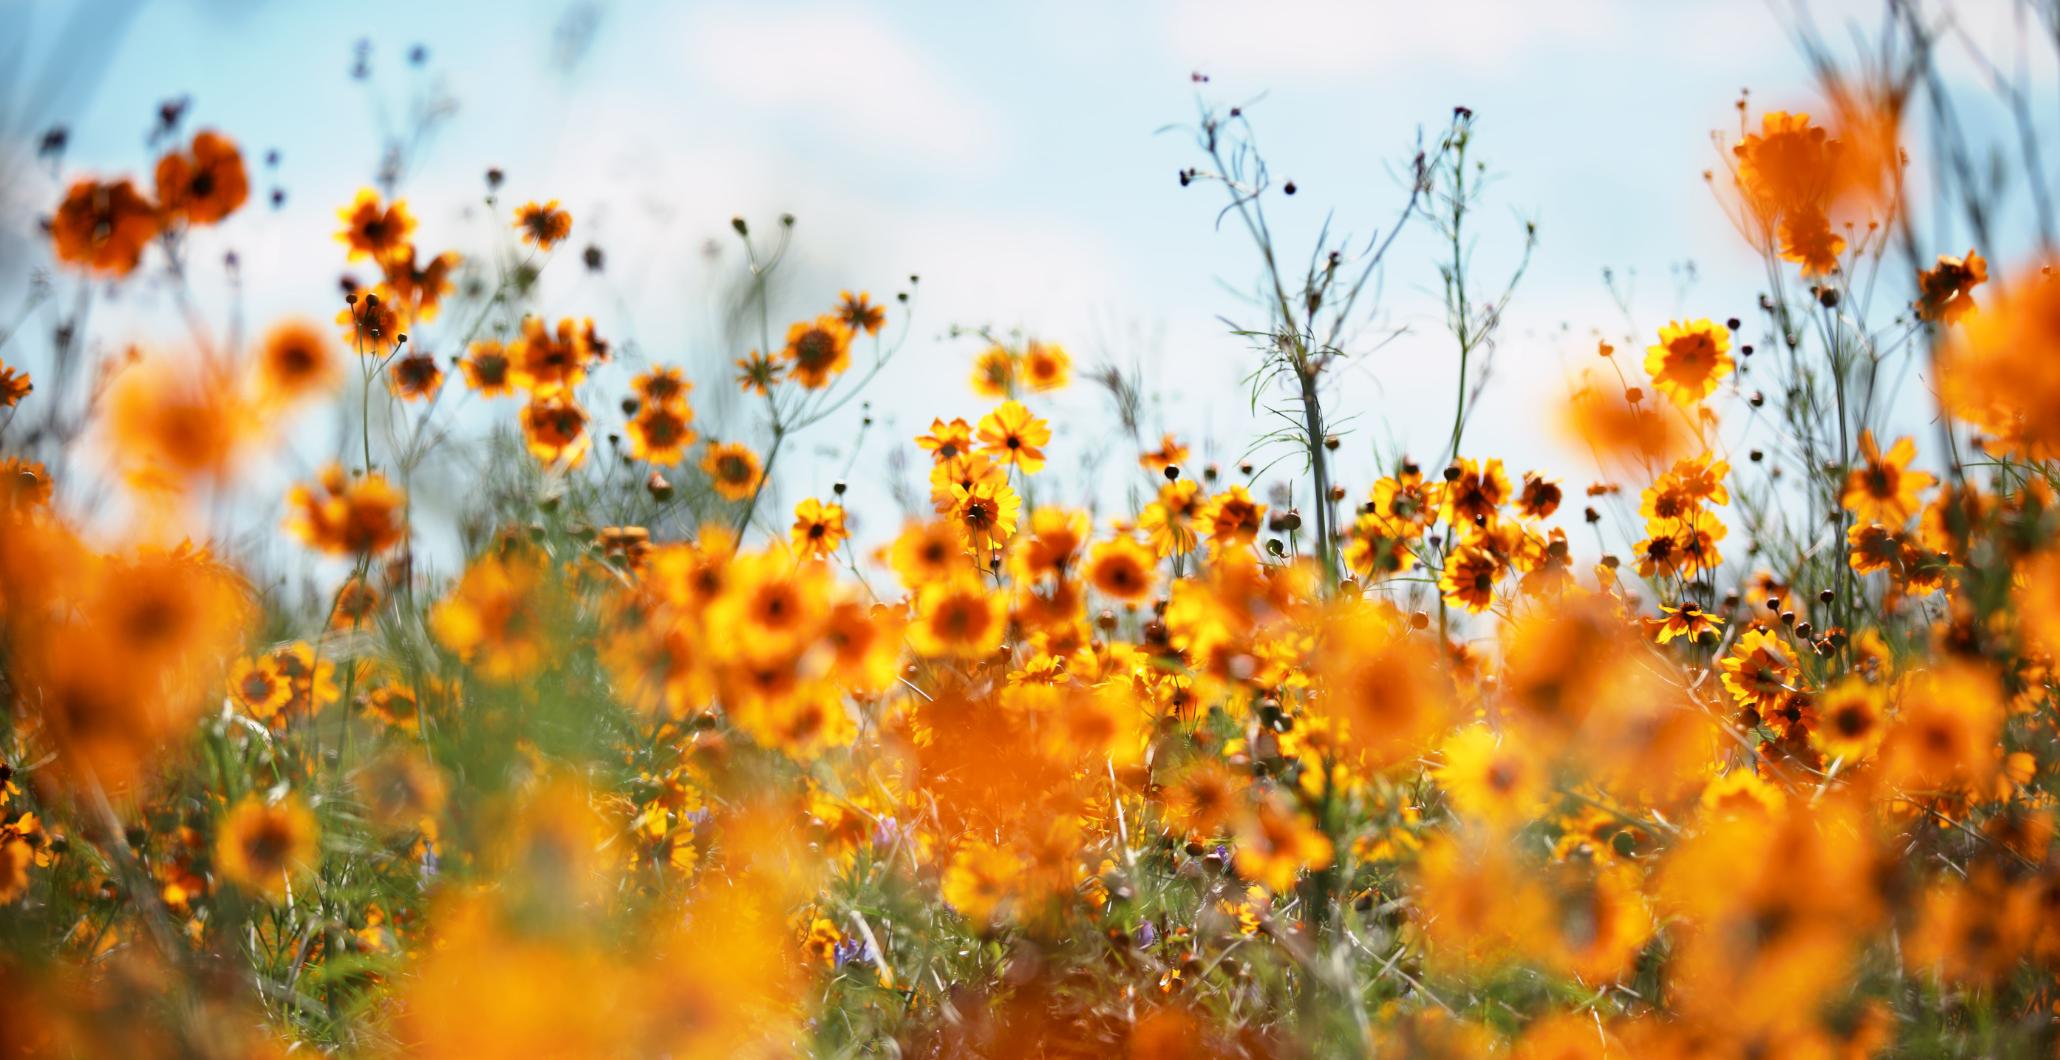 10 Steps to Gardening & Inner Peace